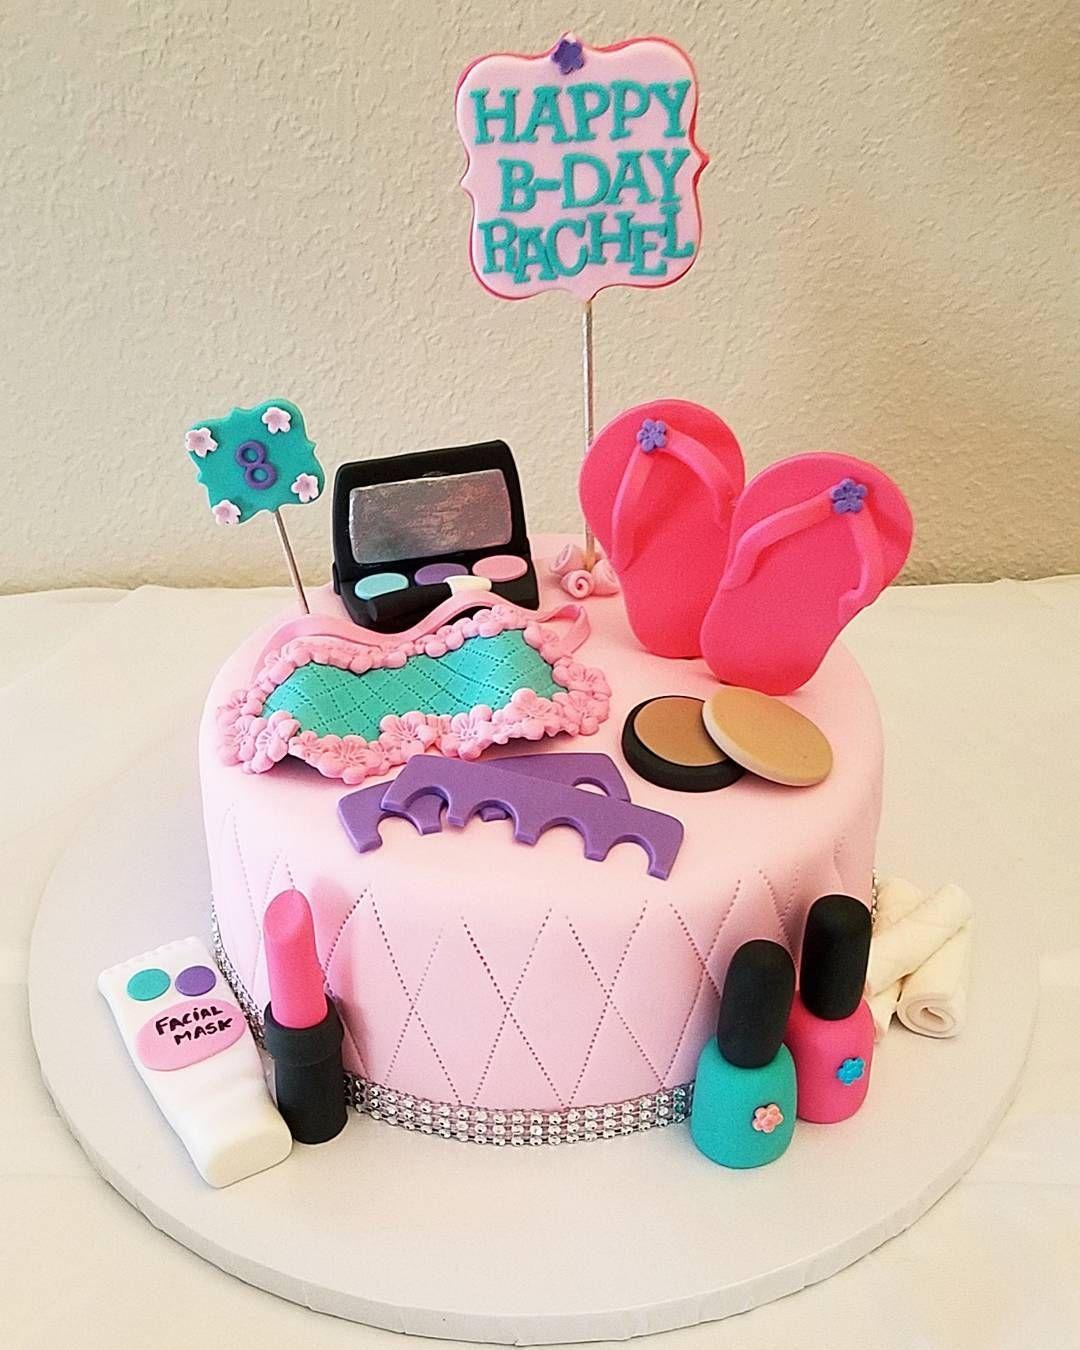 Strange Little Girl Spa Party Rosicakesandbakes Spacake Personalised Birthday Cards Xaembasilily Jamesorg